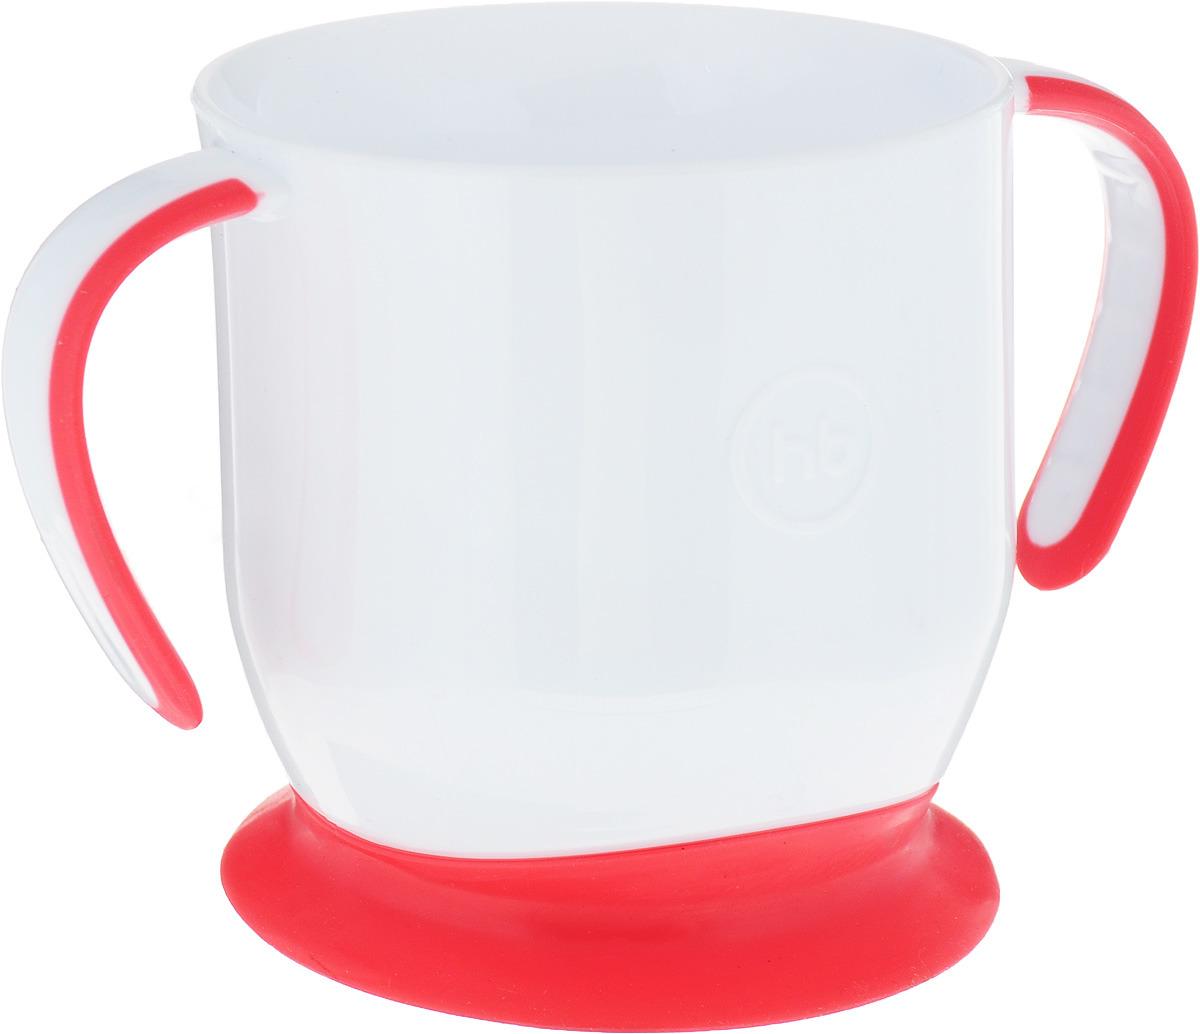 кружка на присоске happy baby baby cup with suction base 15022 red Happy Baby Кружка на присоске цвет белый коралловый